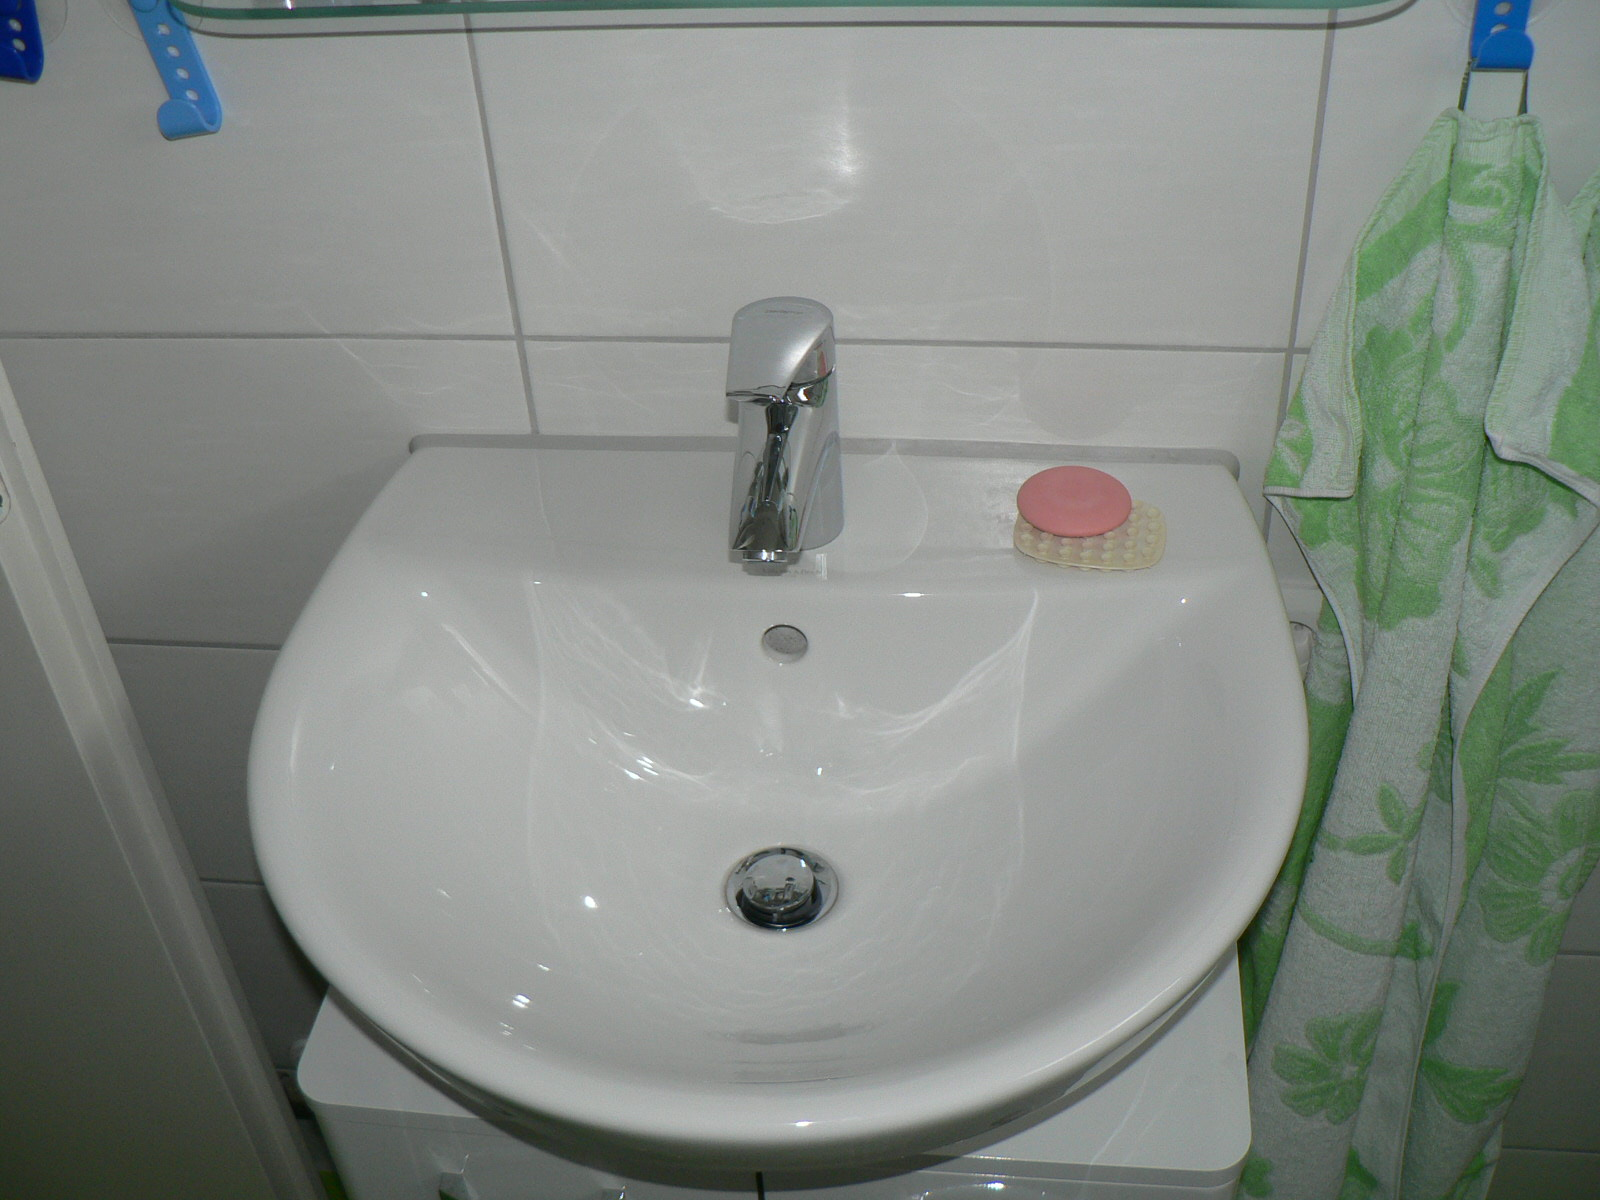 Waschbecken rund gäste wc  Gerd Nolte Heizung & Sanitär – Gäste WC mit Rund-Dusche